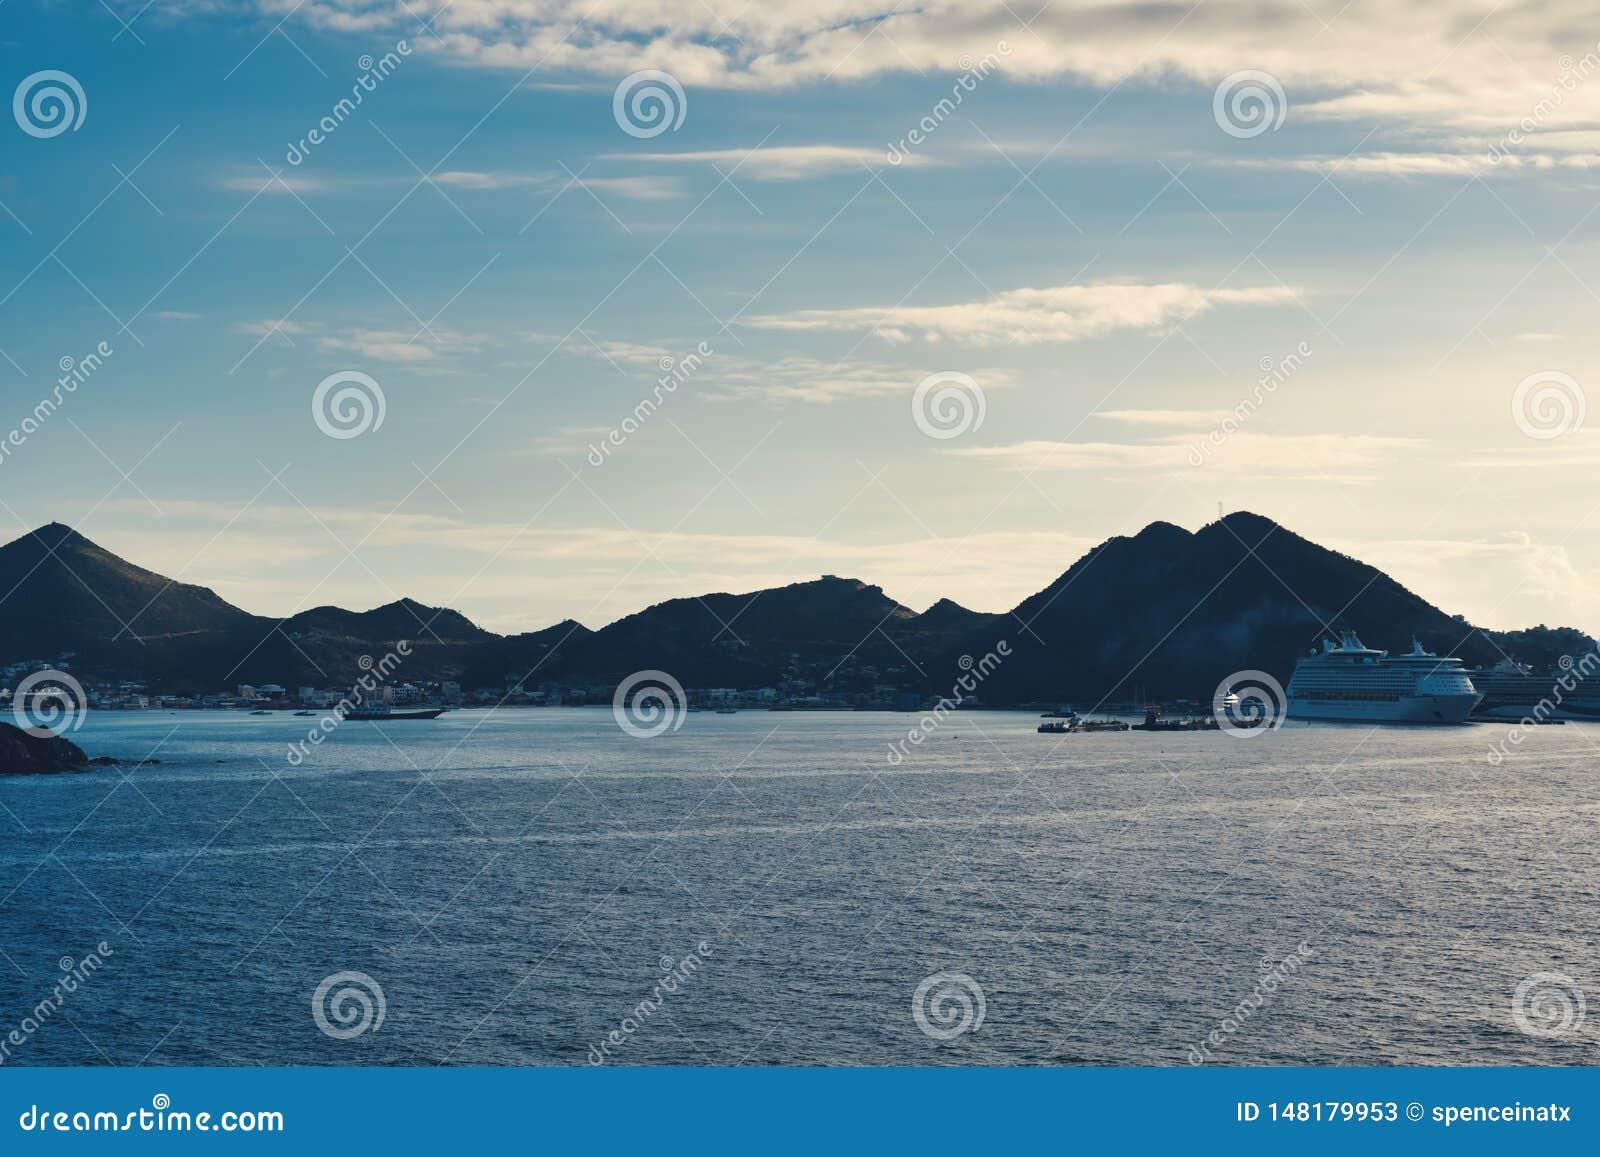 Ilhas vistas do navio no mar